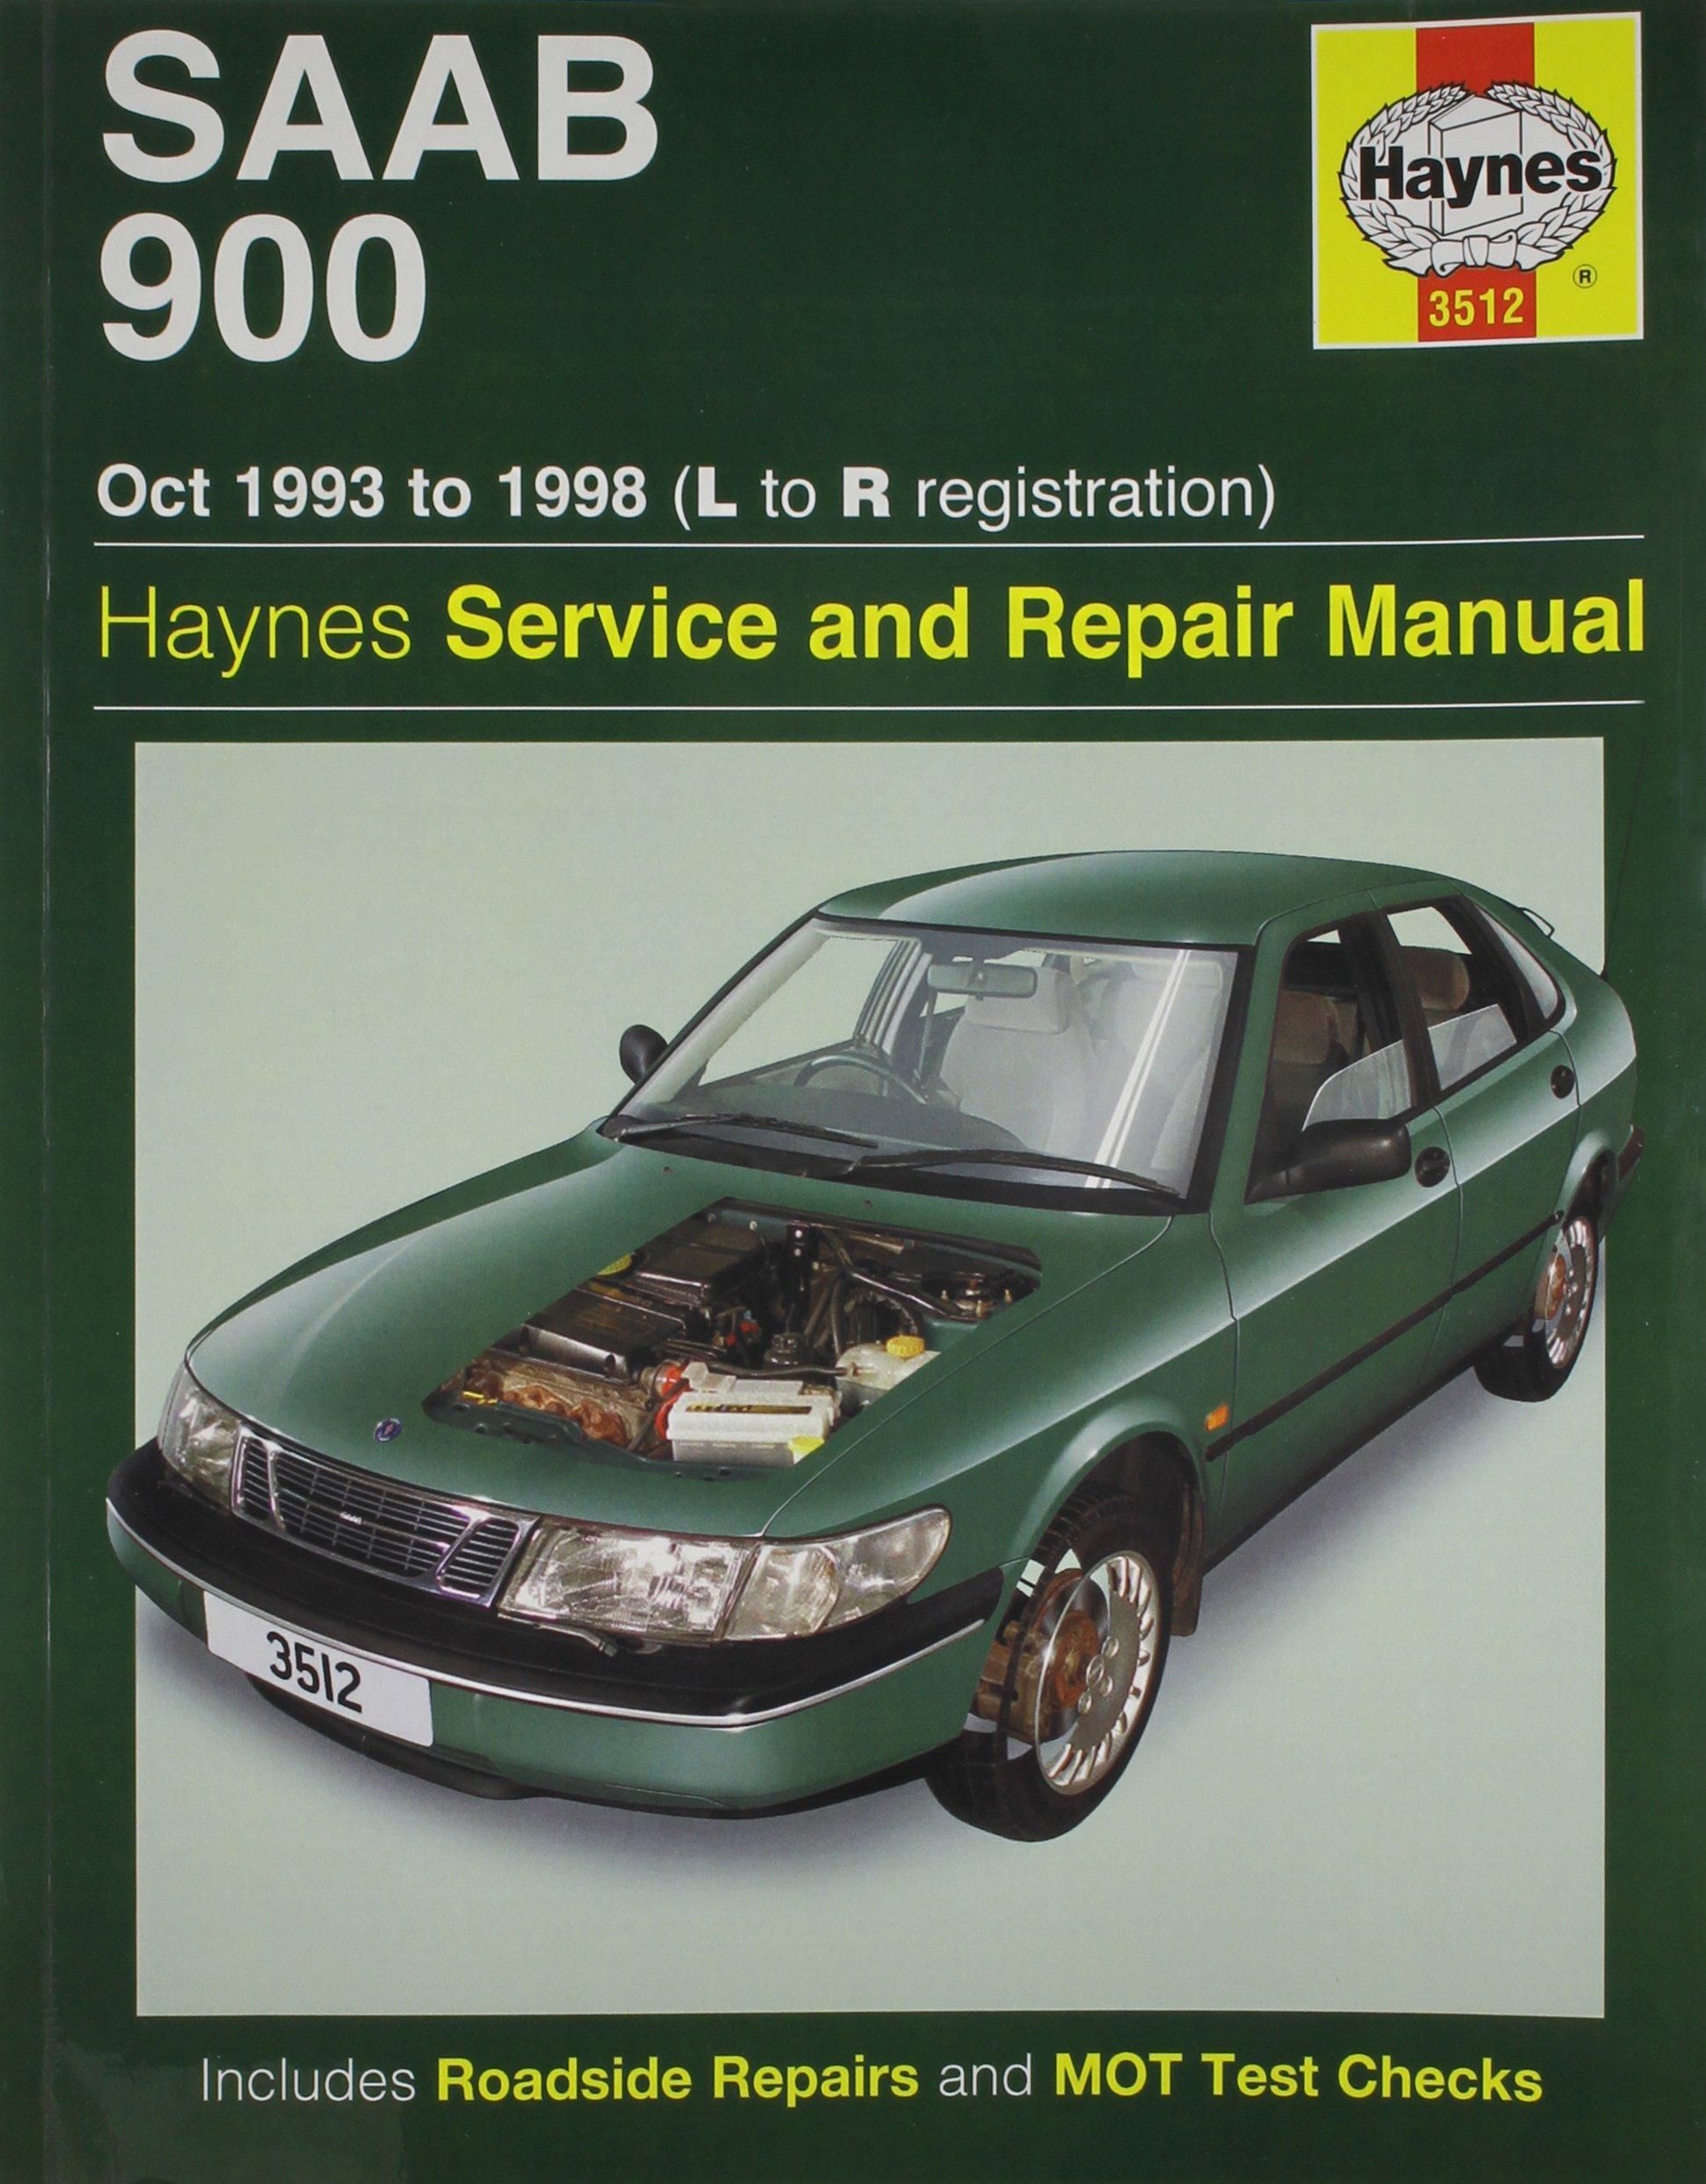 Saab 900 Service and Repair Manual (Haynes Service and Repair Manuals): NA:  9780857336248: Amazon.com: Books